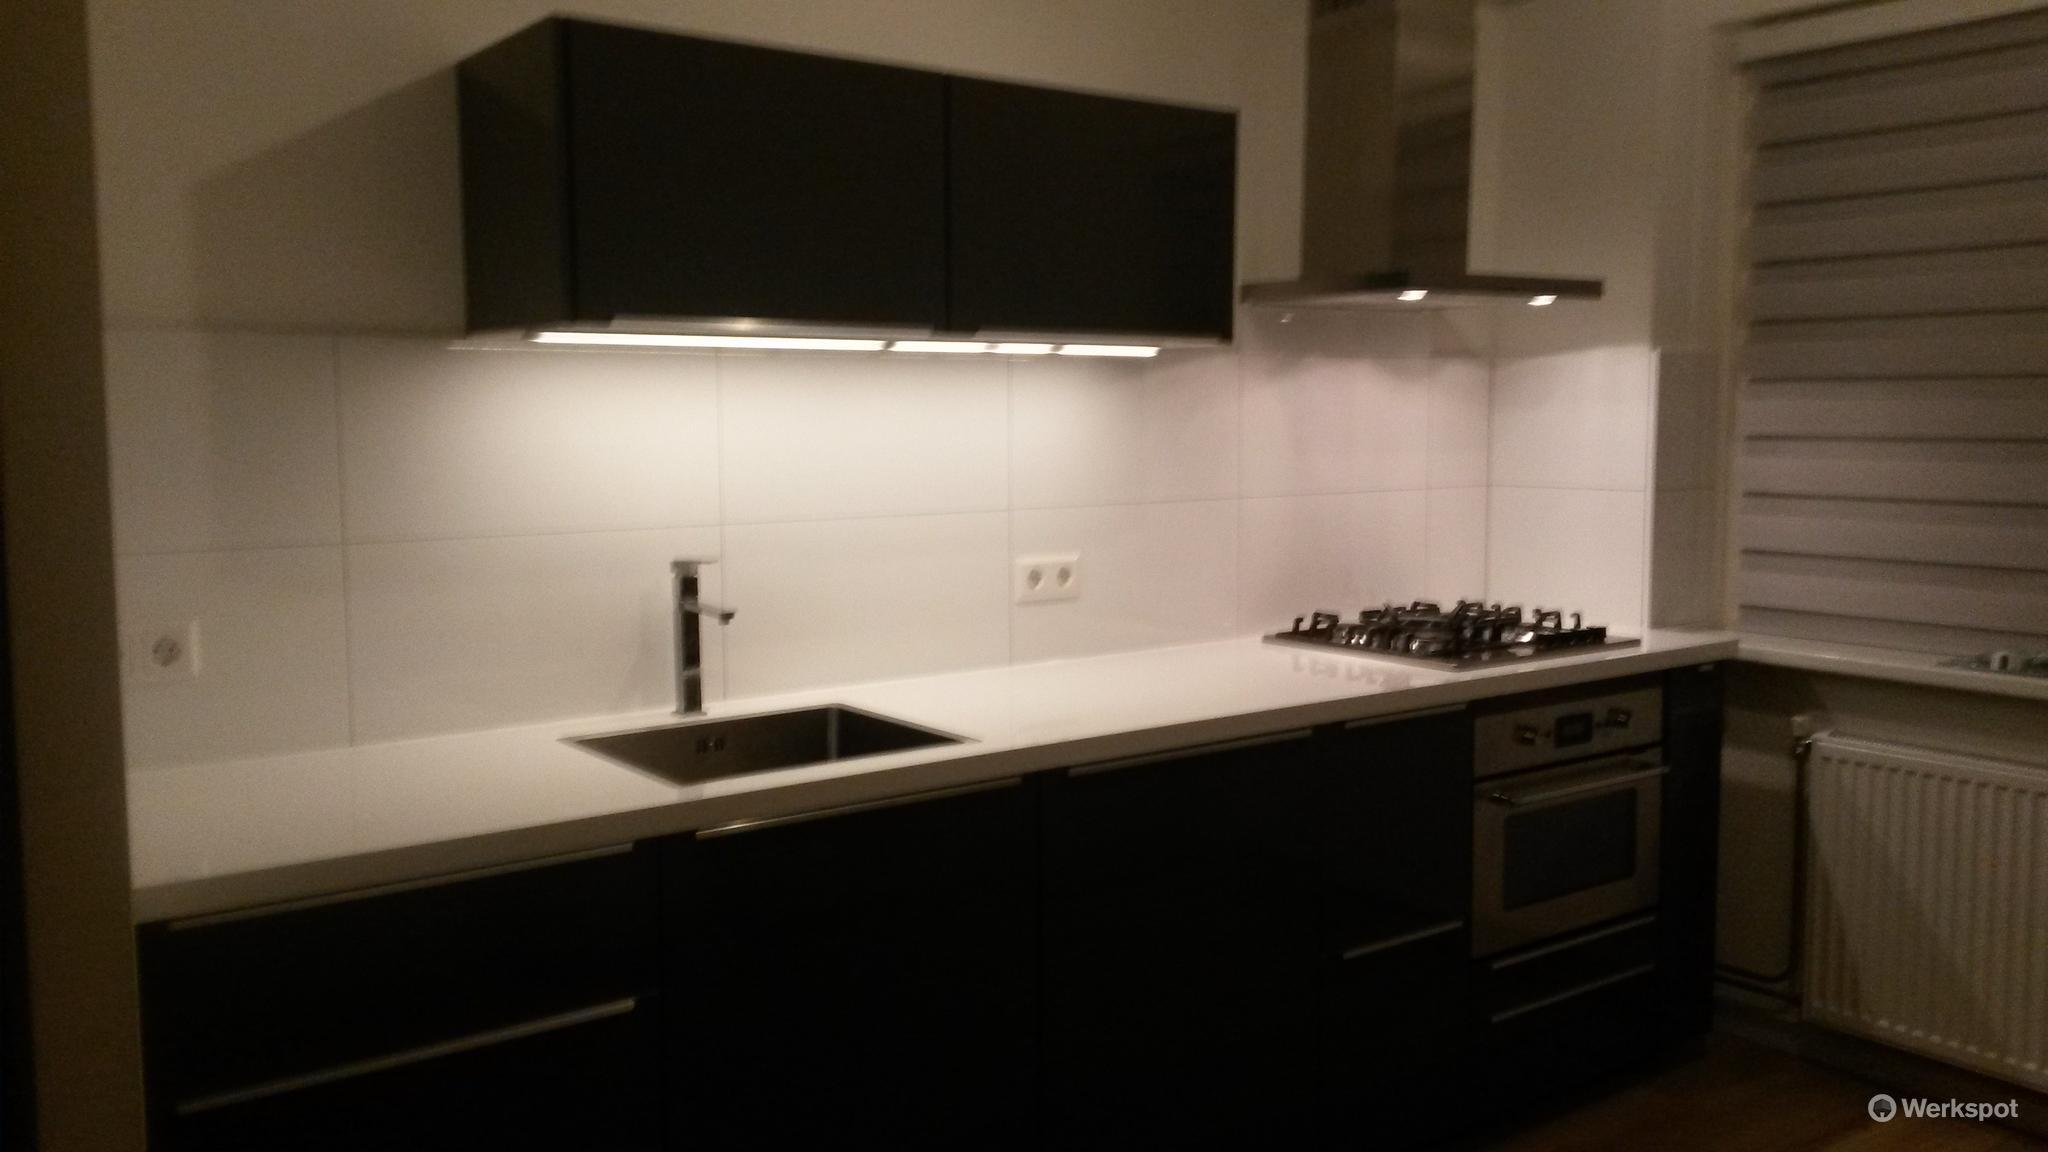 Plaatsen van ikea keuken rechte keuken werkspot for Wohnwand 3 meter lang